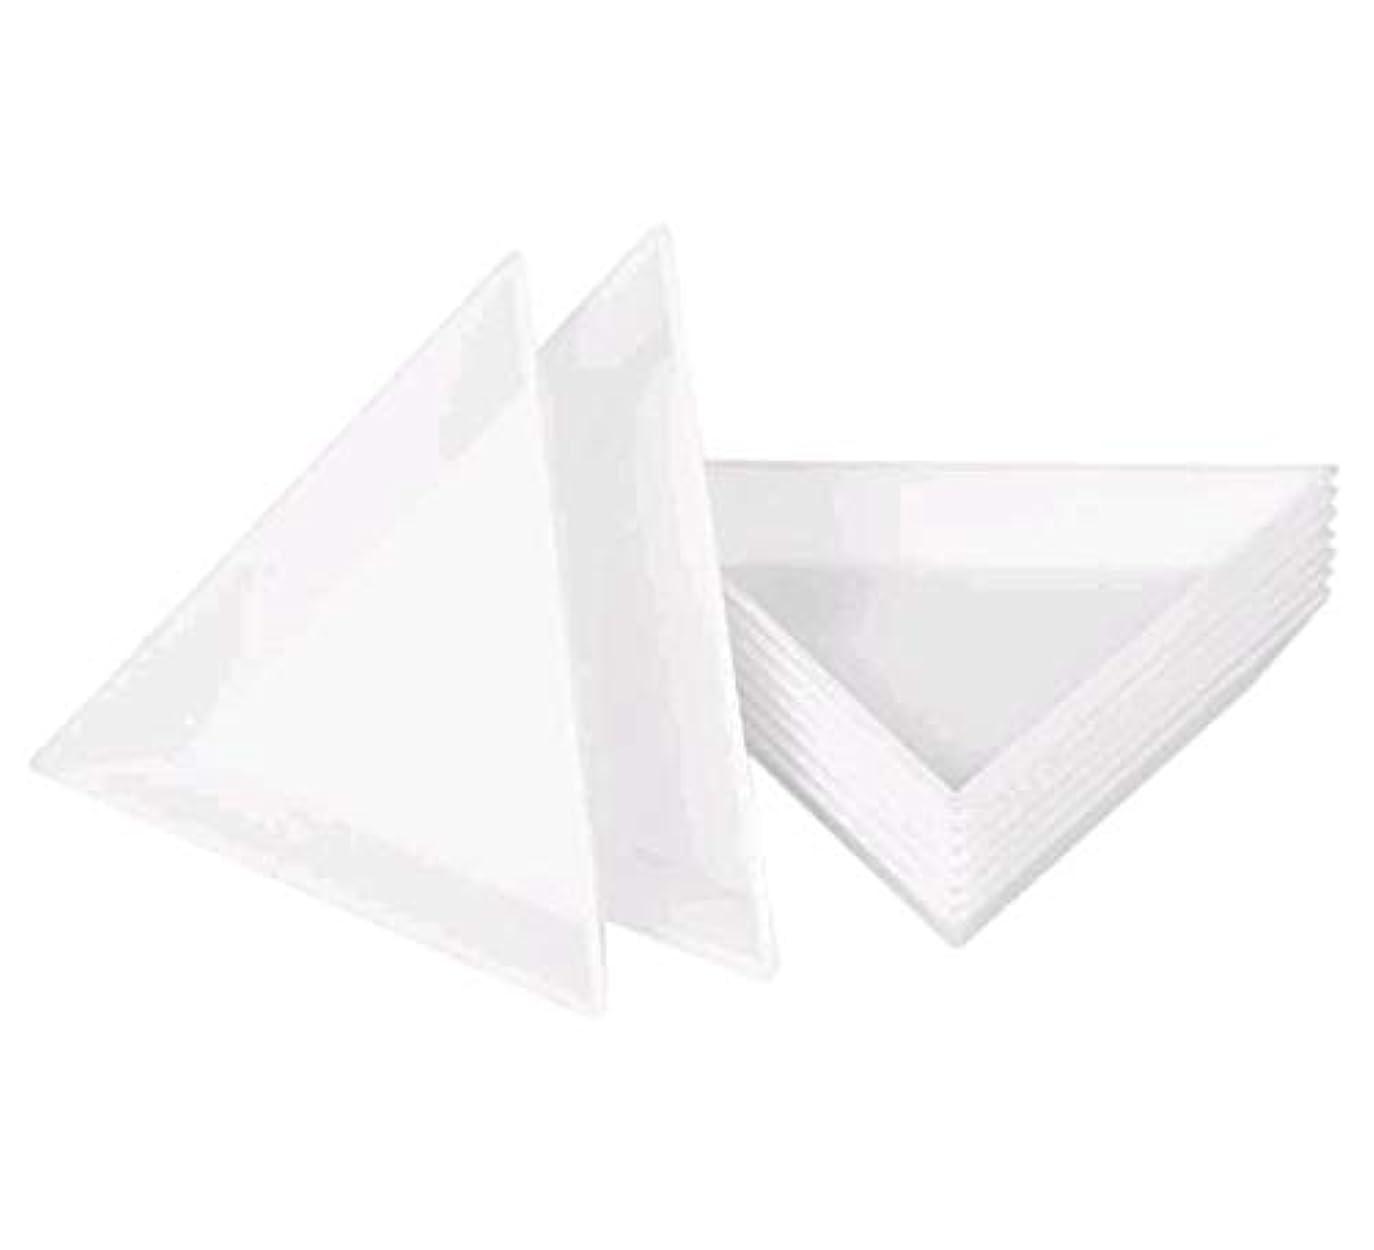 反響するくびれた作ります10Pcsネイルプレートネイルアート収納プレートステッカードリル収納ボックスダイヤモンドラインストーンドリルボックスDIYネイルアートアクセサリー